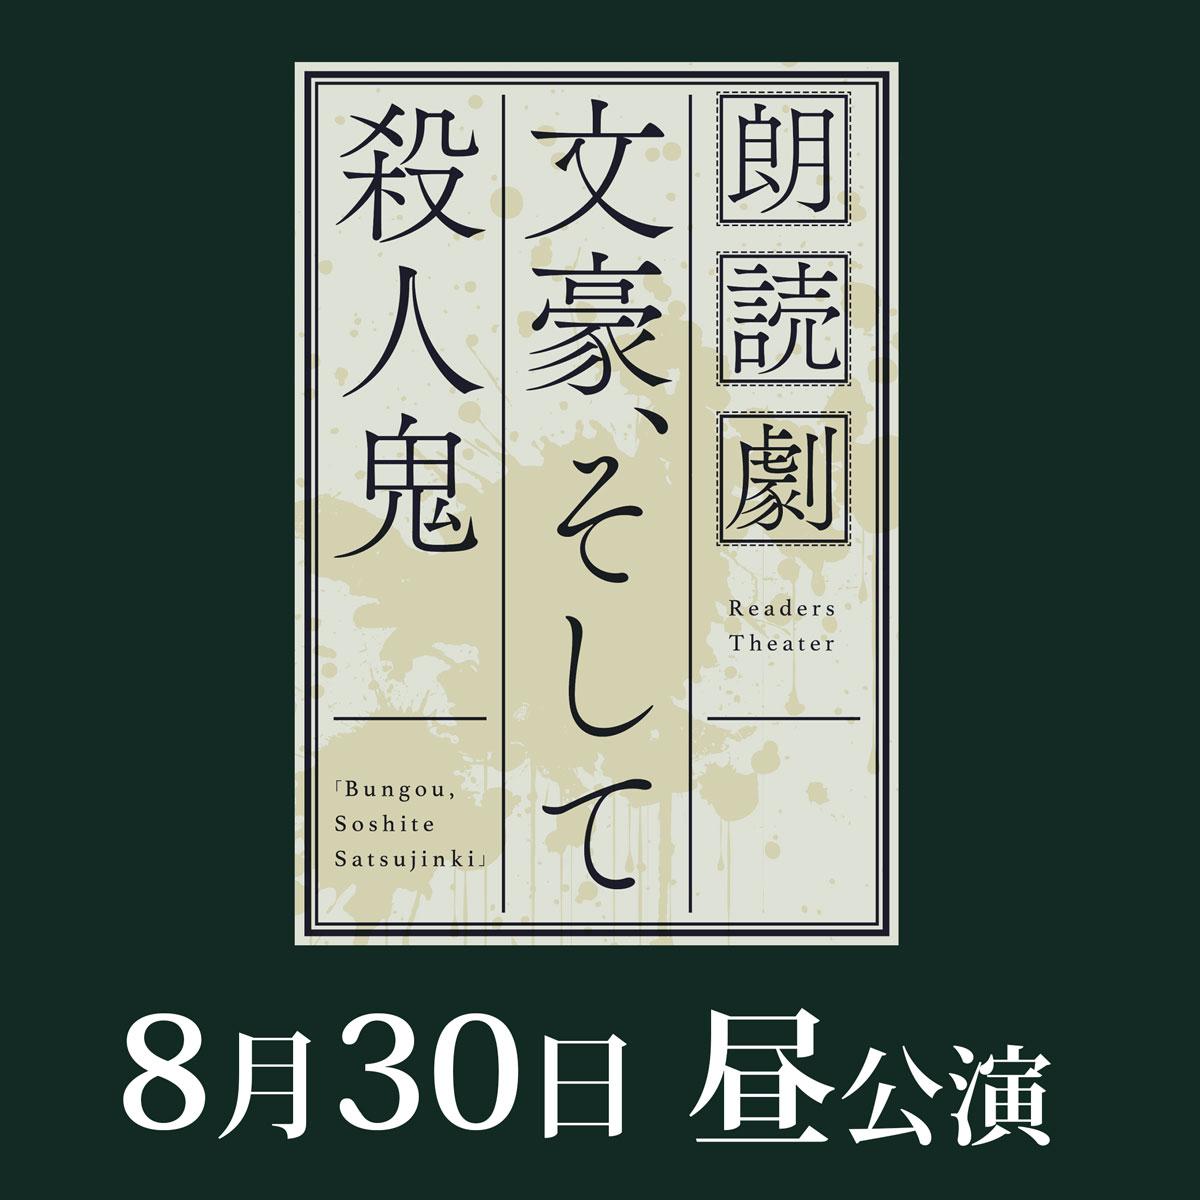 オリジナル朗読劇 『文豪、そして殺人鬼』 8月30日 昼公演